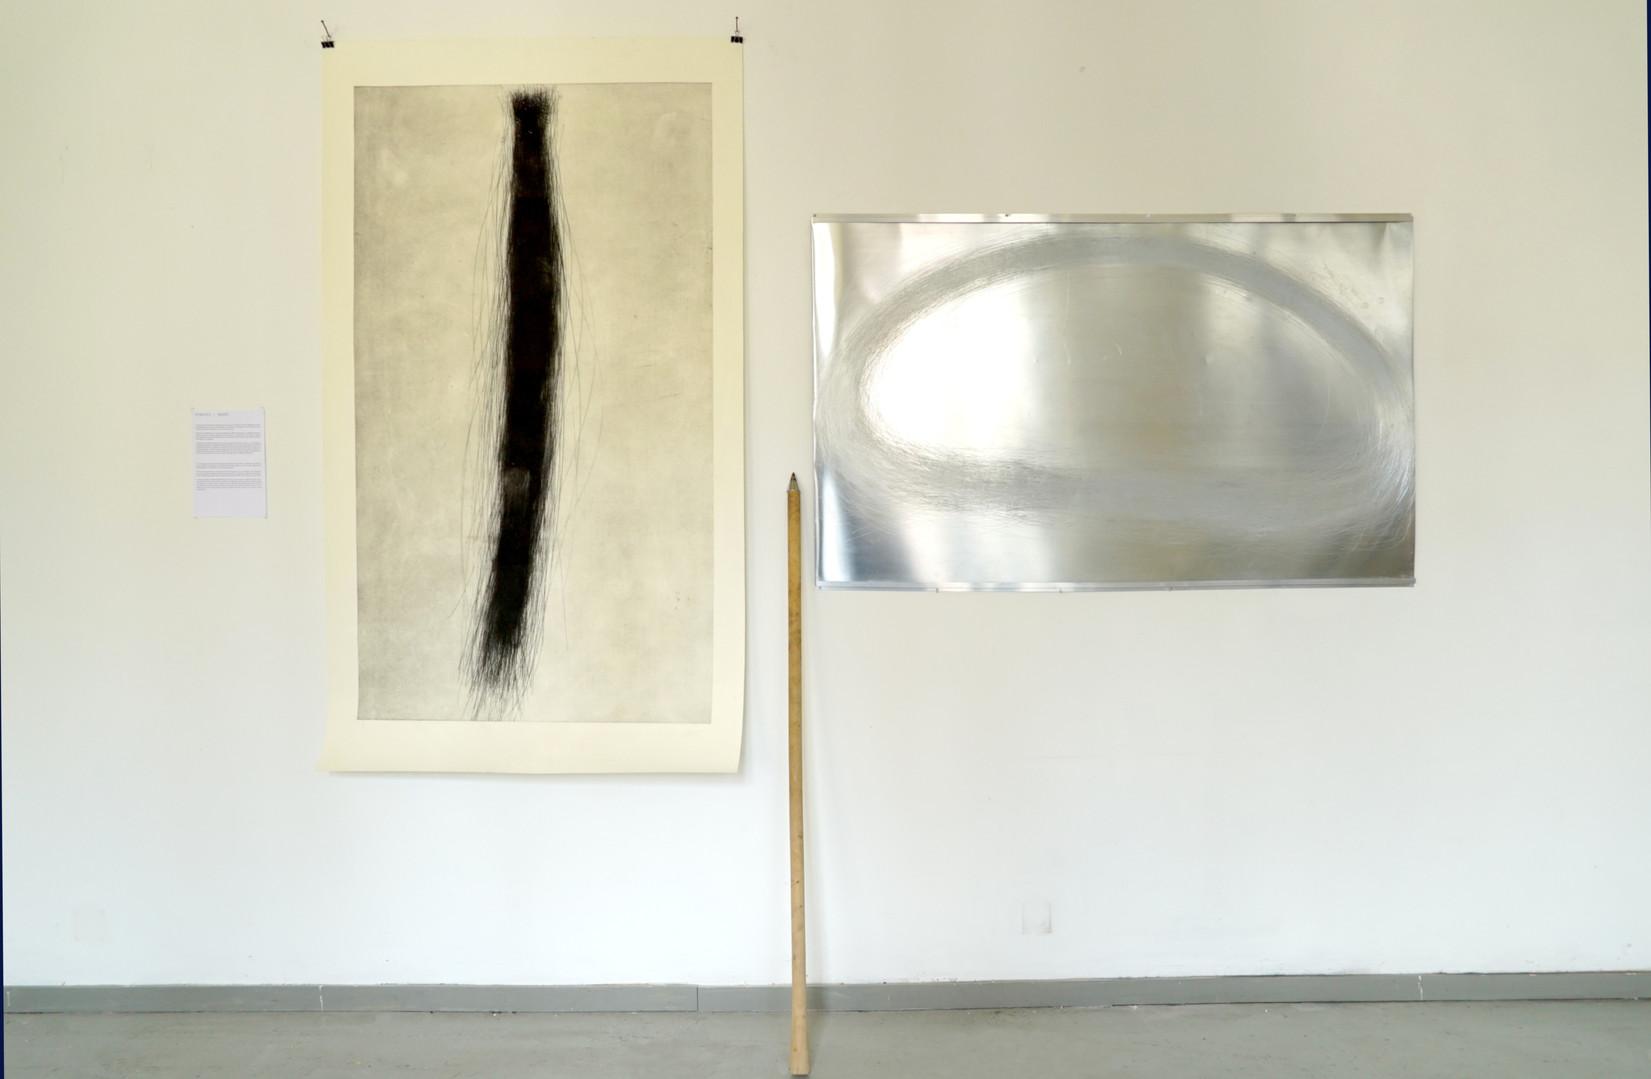 Vue de l'atelier, résidence à la Fondation Moenens, 2017 - Bruxelles